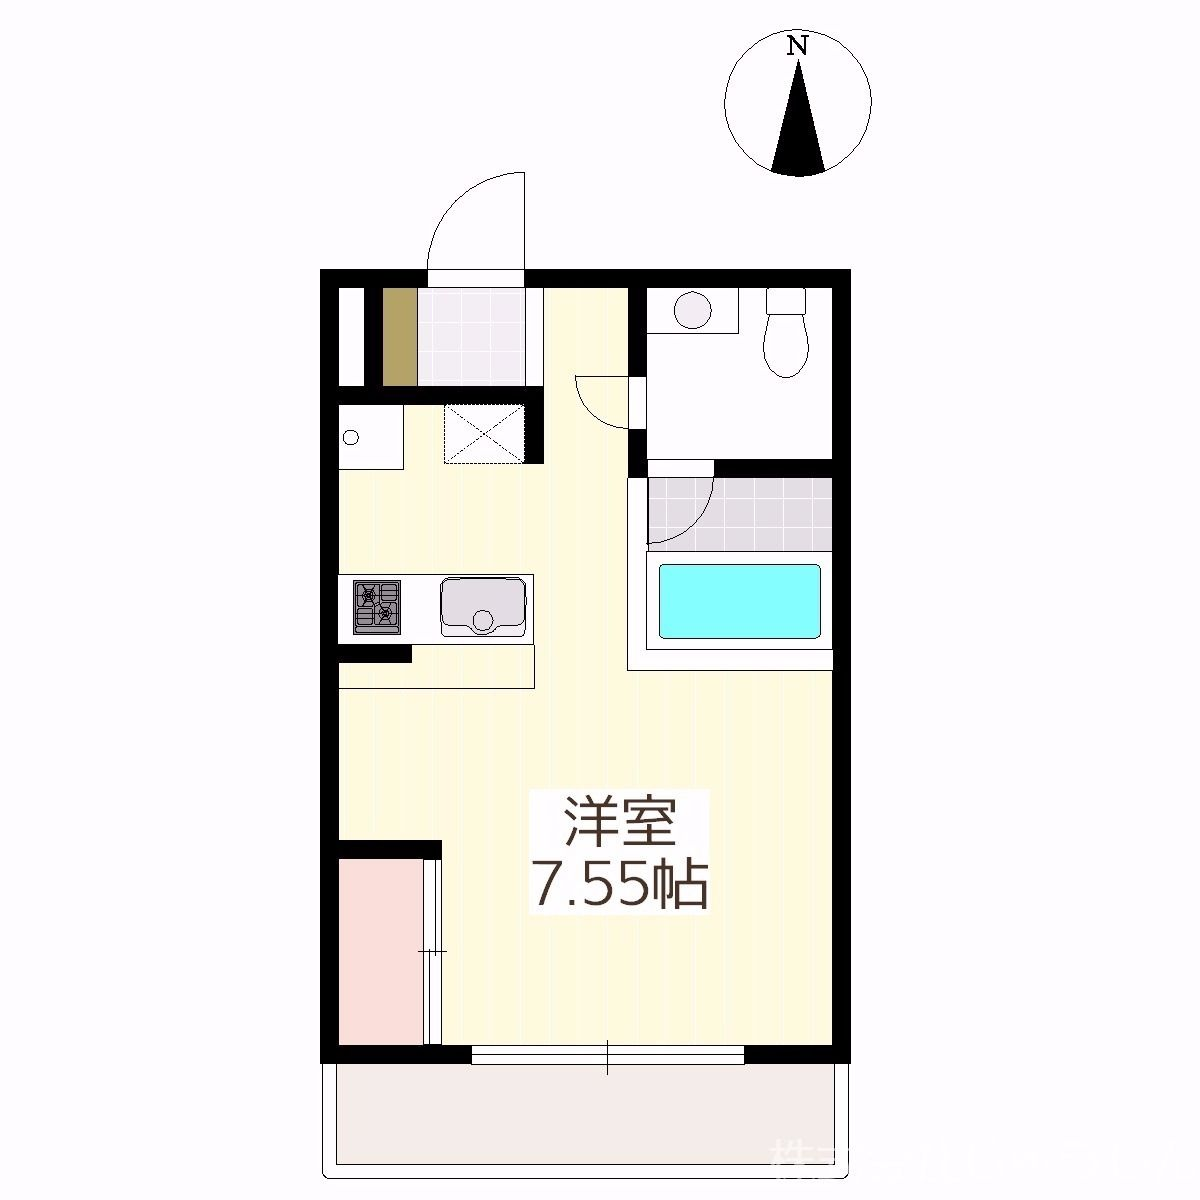 デザイナーズマンション!☆生活環境良好♪☆駅近6分と好立地 表紙